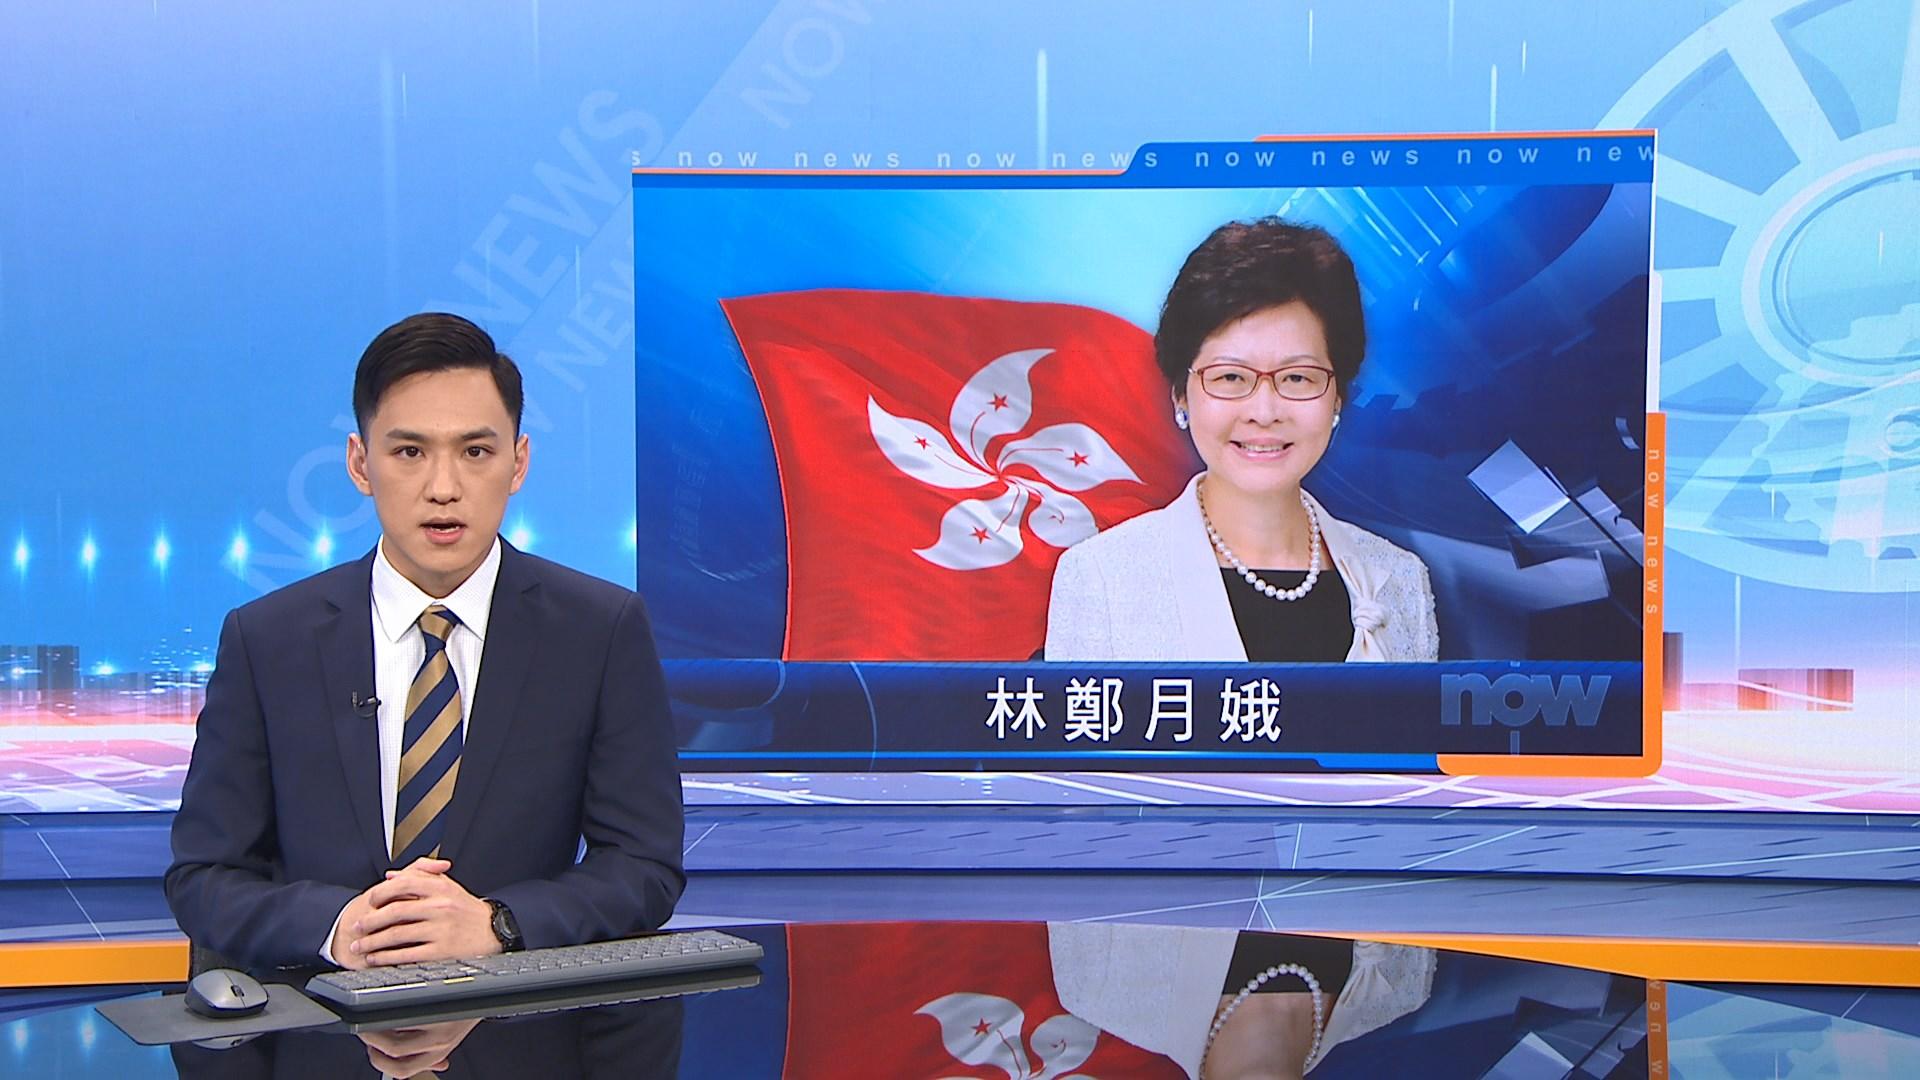 林鄭:台灣提出的司法互助請求不存在石沉大海